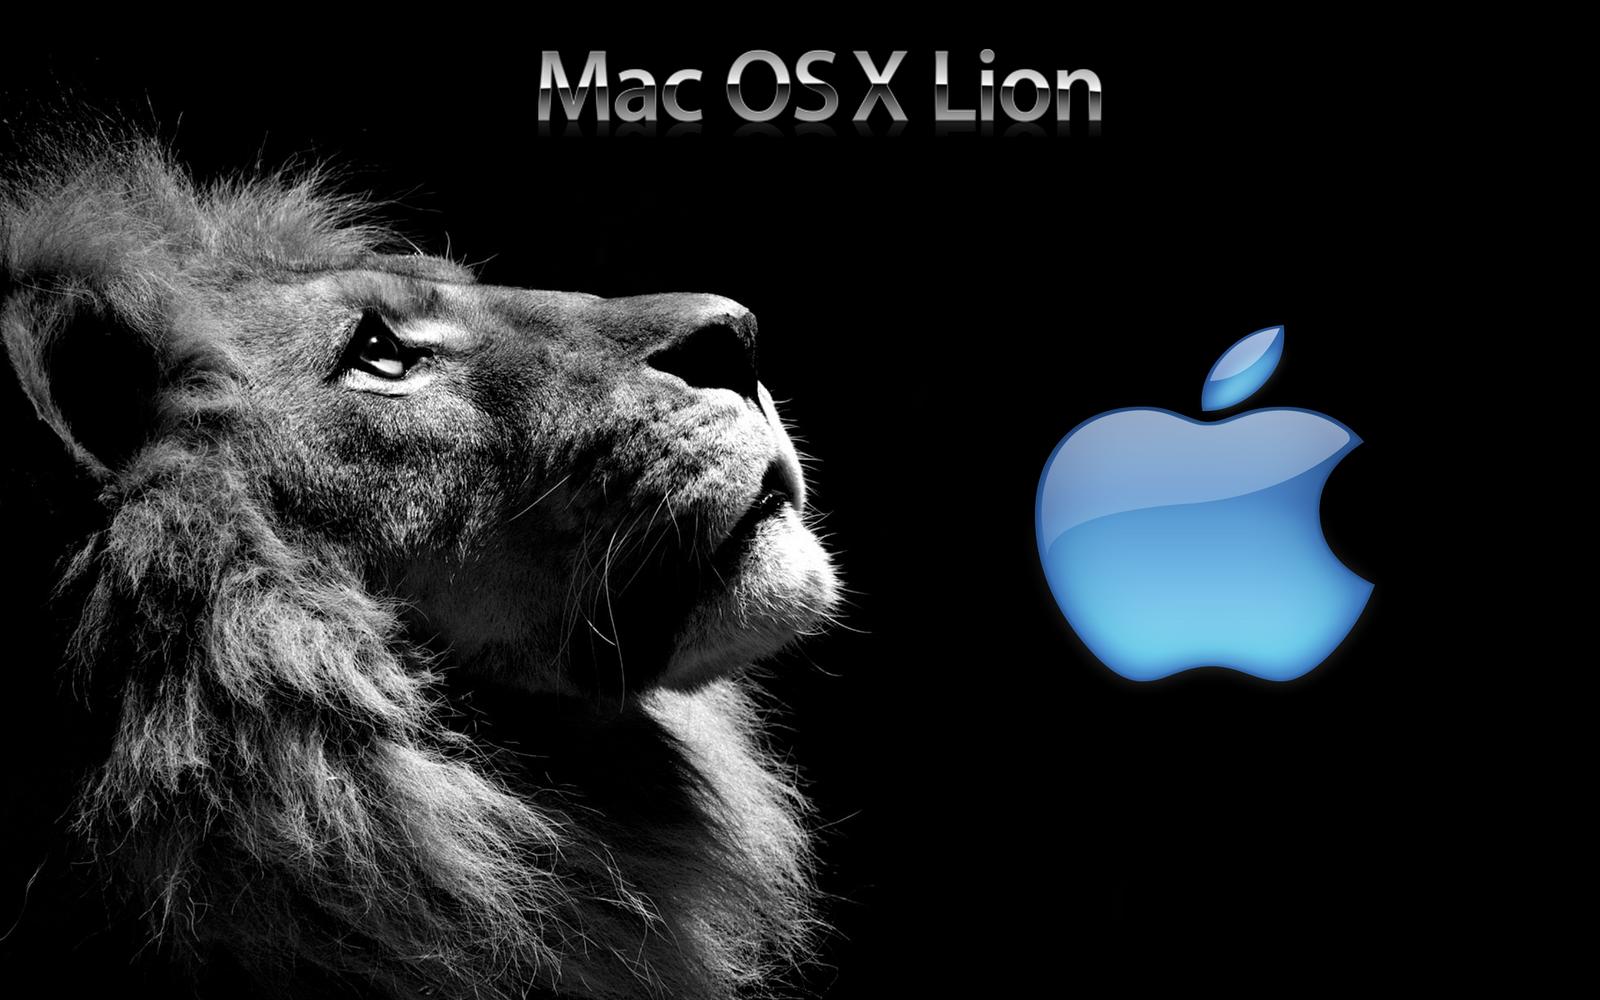 http://3.bp.blogspot.com/-xsMSGacvz5U/UD3VuZzHx4I/AAAAAAAAAR8/e1VKkAQk6kg/s1600/Lion%2Bwith%2Bblue%2Bcolour%2Bapple%2Blogo%2Bmac%2Bos%2Bx%2Blion%2Bwallpaper%2Bunseen.jpg